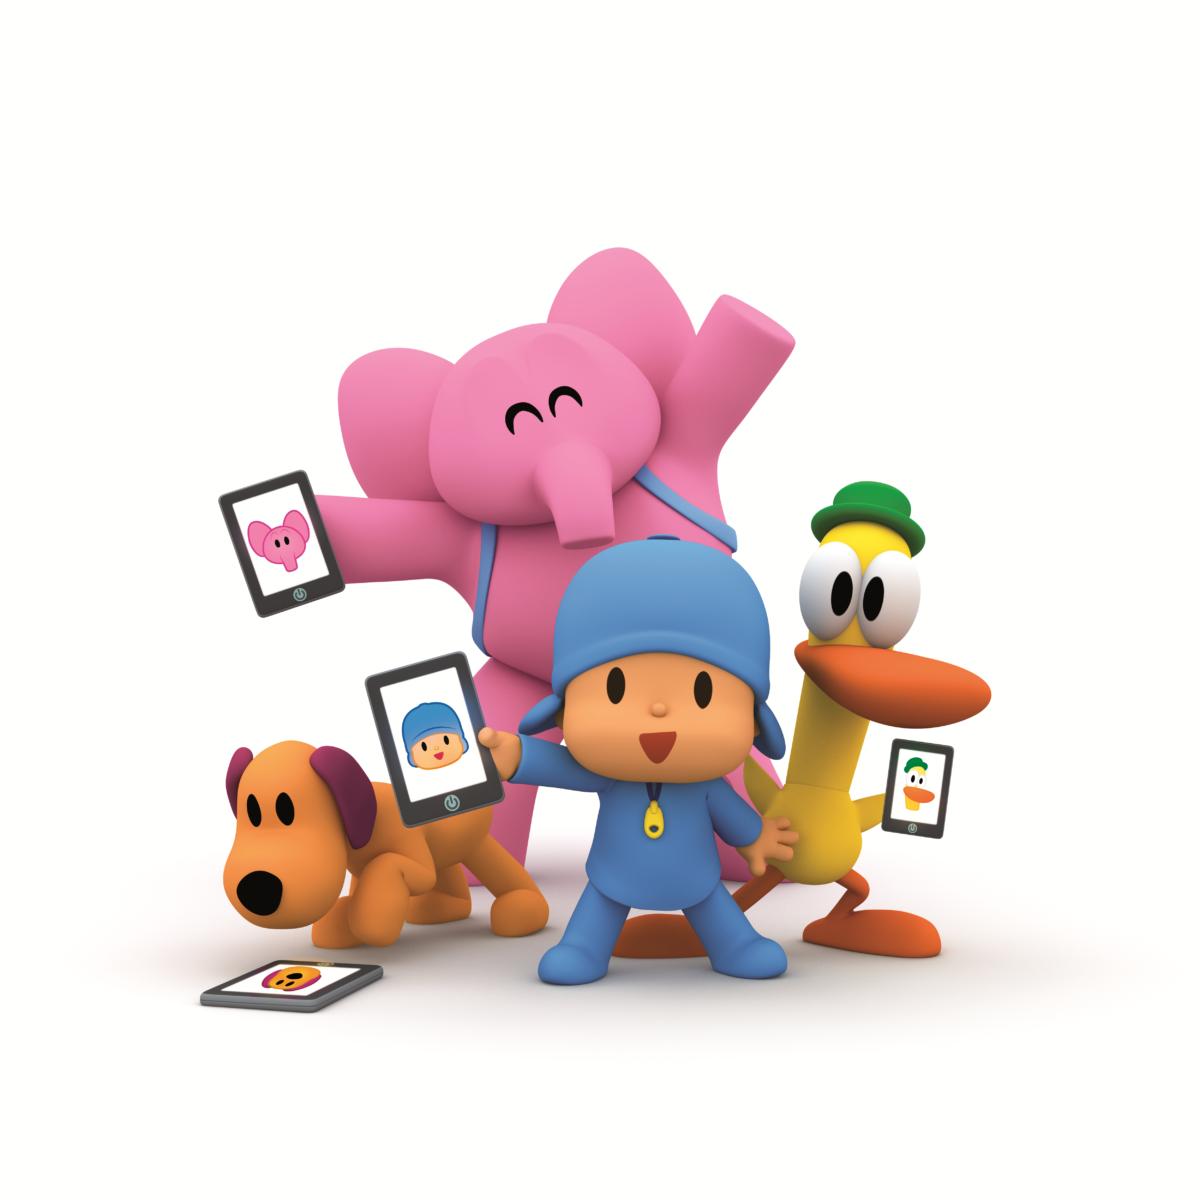 Cómo favorecer el desarrollo infantil con el uso de apps